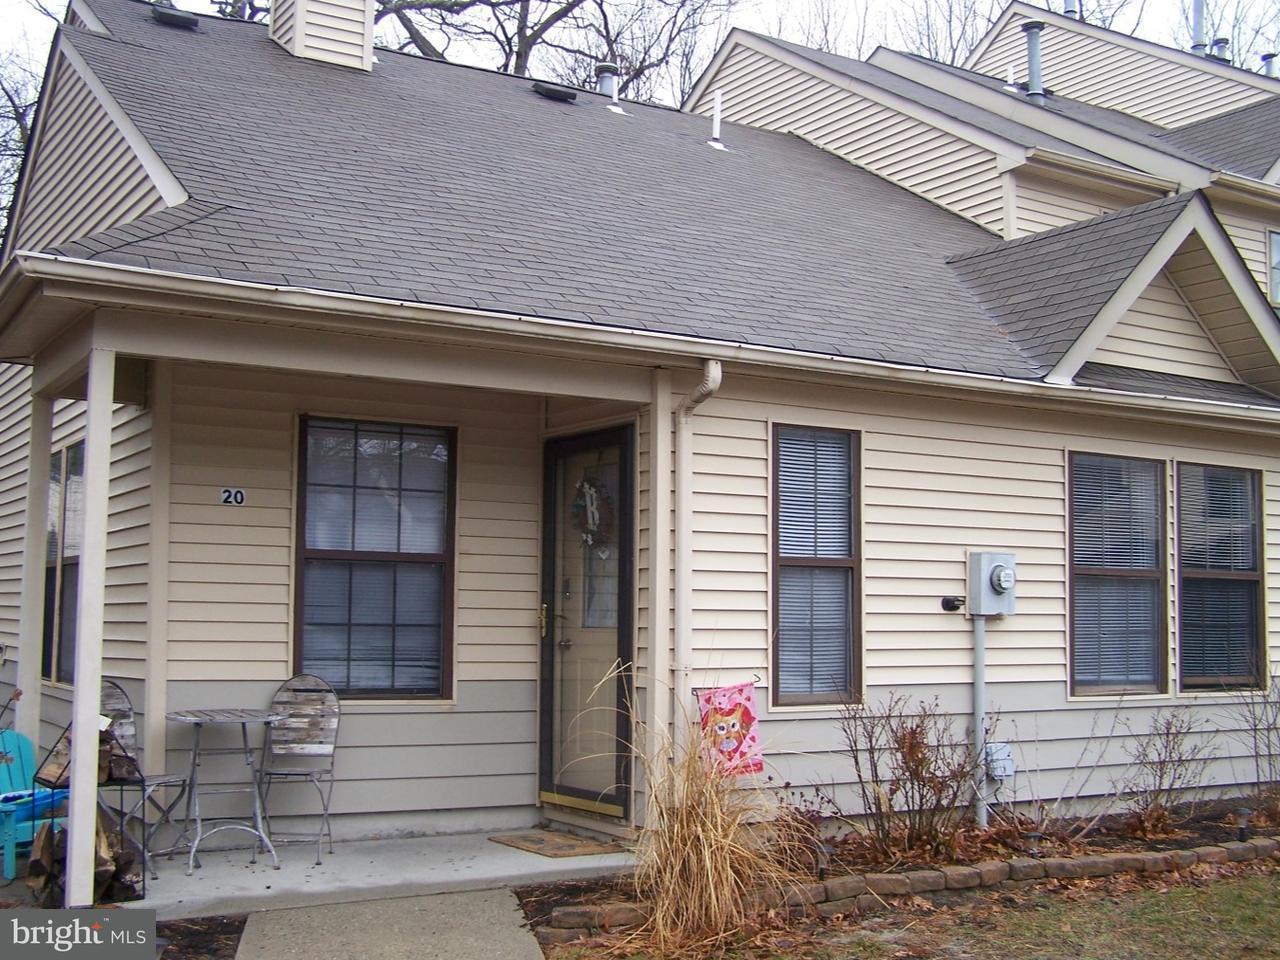 联栋屋 为 销售 在 20 EUCALYPTUS Court Jackson Township, 新泽西州 08527 美国